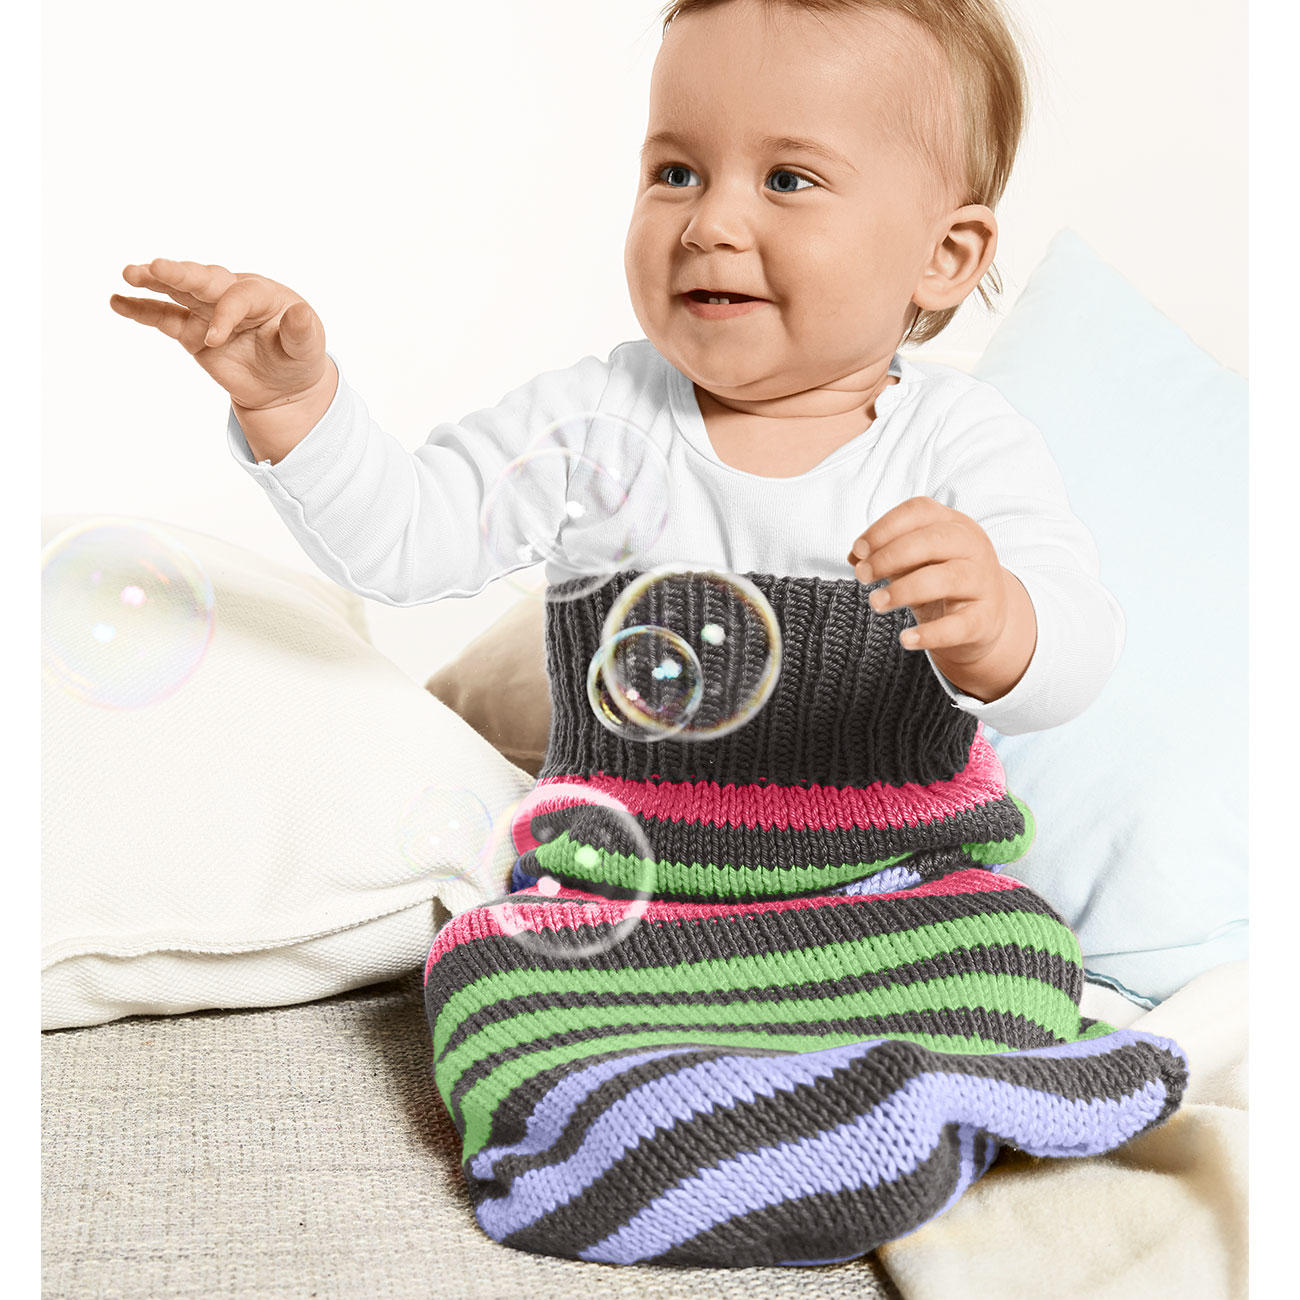 anleitung 326 7 pucksack aus cotonara von junghans wolle 4 versch farben. Black Bedroom Furniture Sets. Home Design Ideas